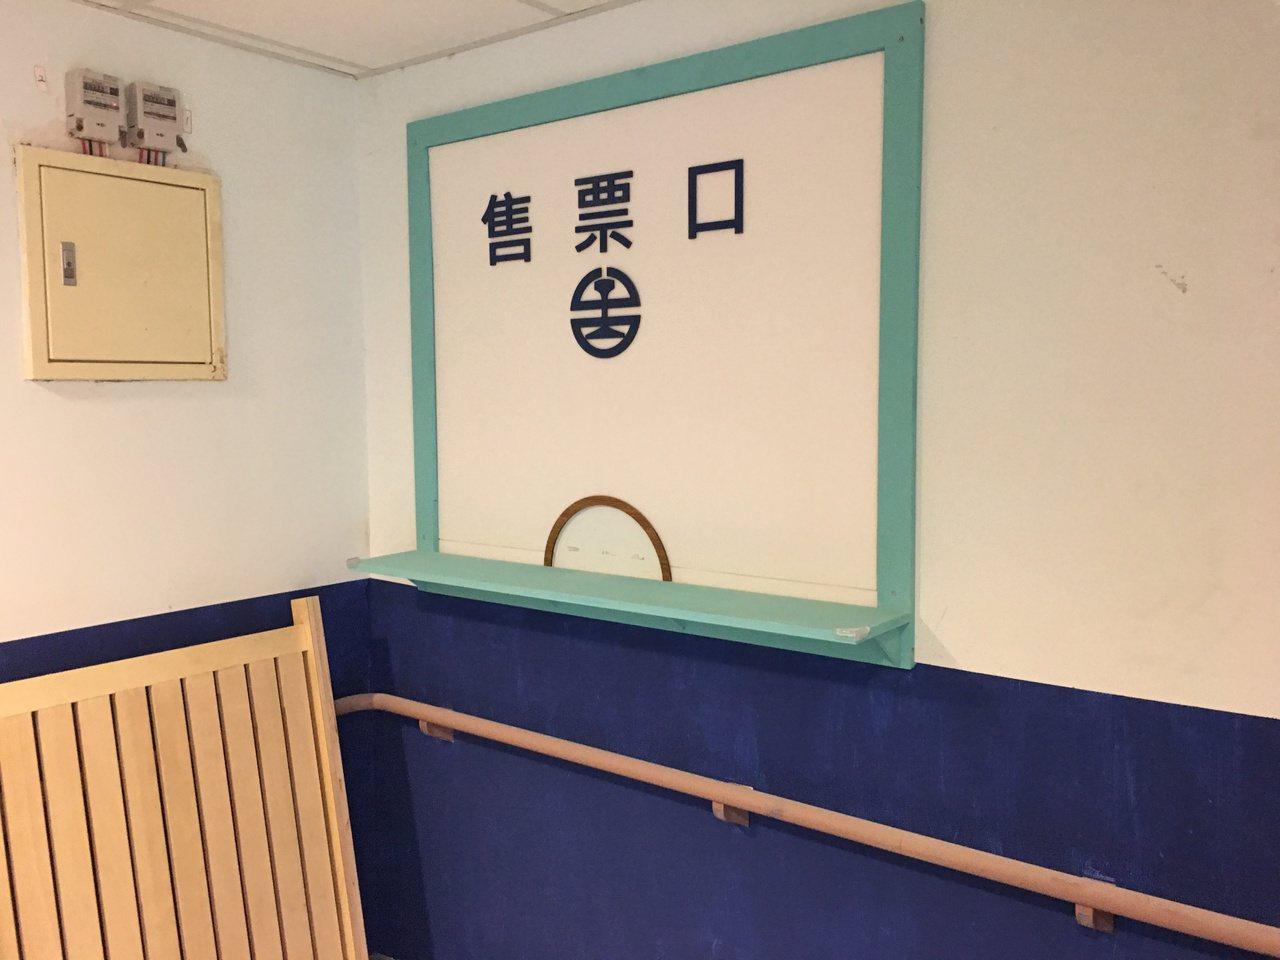 板橋榮家失智祥和堂把廊道打造成板橋火車站,還設有售票窗口。 記者鄧桂芬/攝影